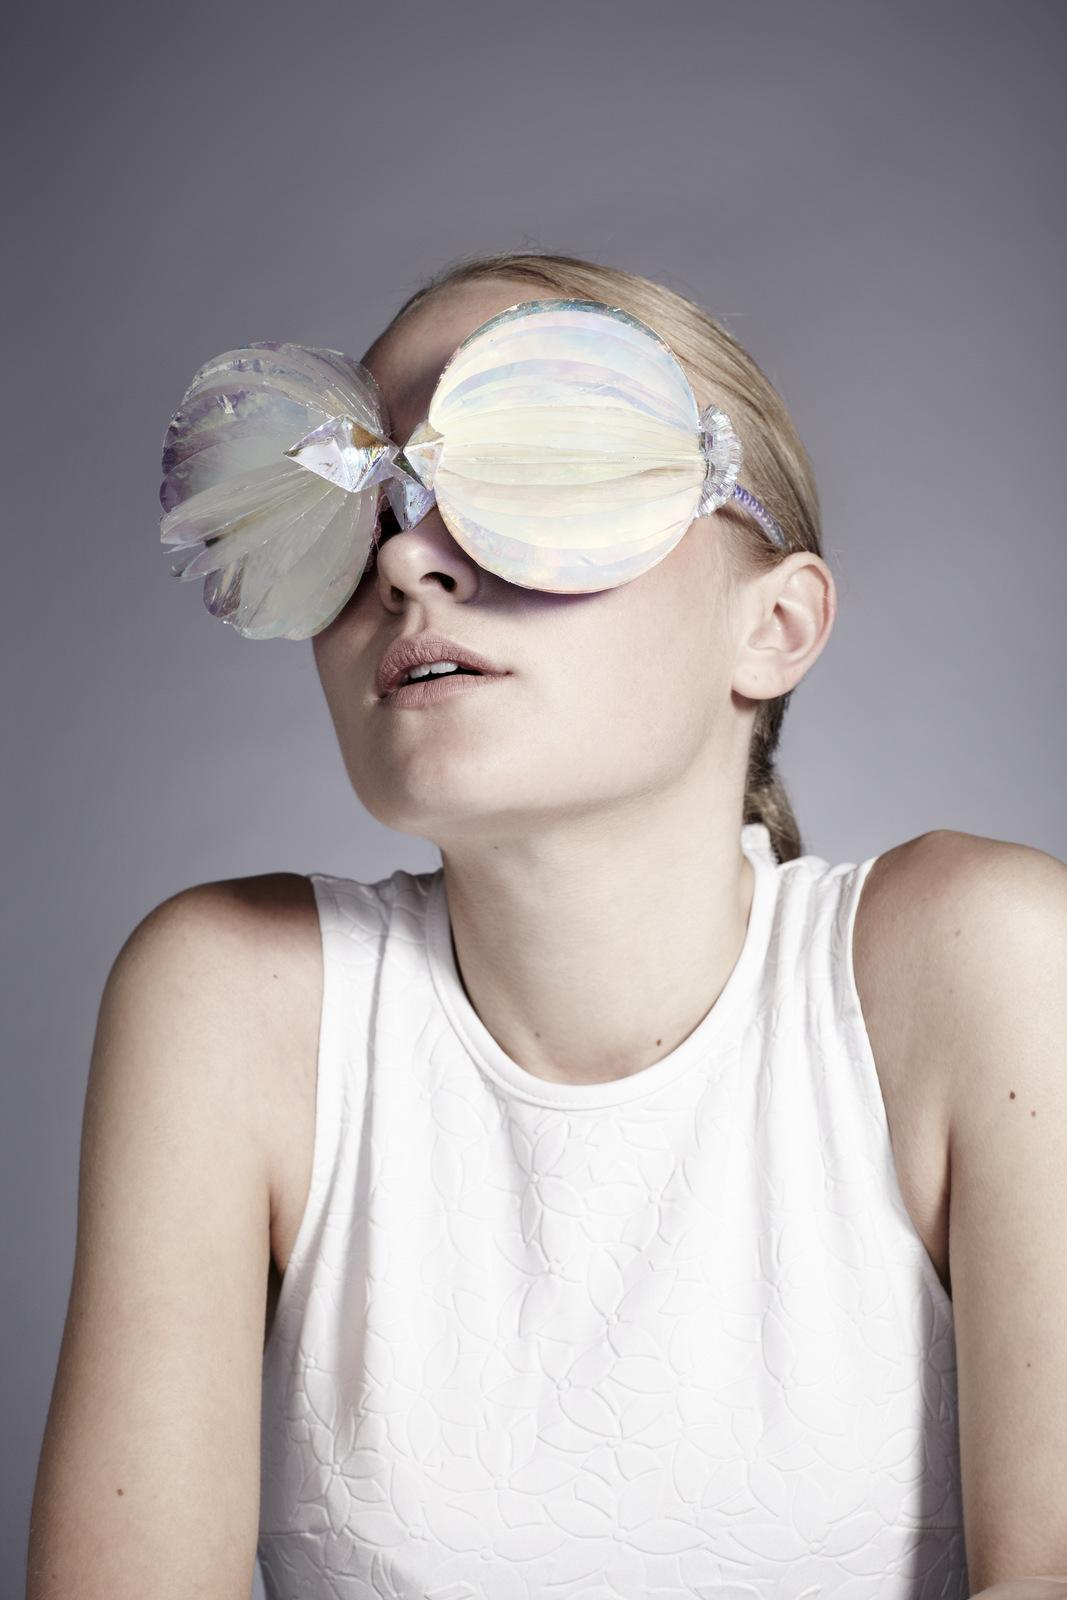 006 Pearl Vision eyeglasses/headband